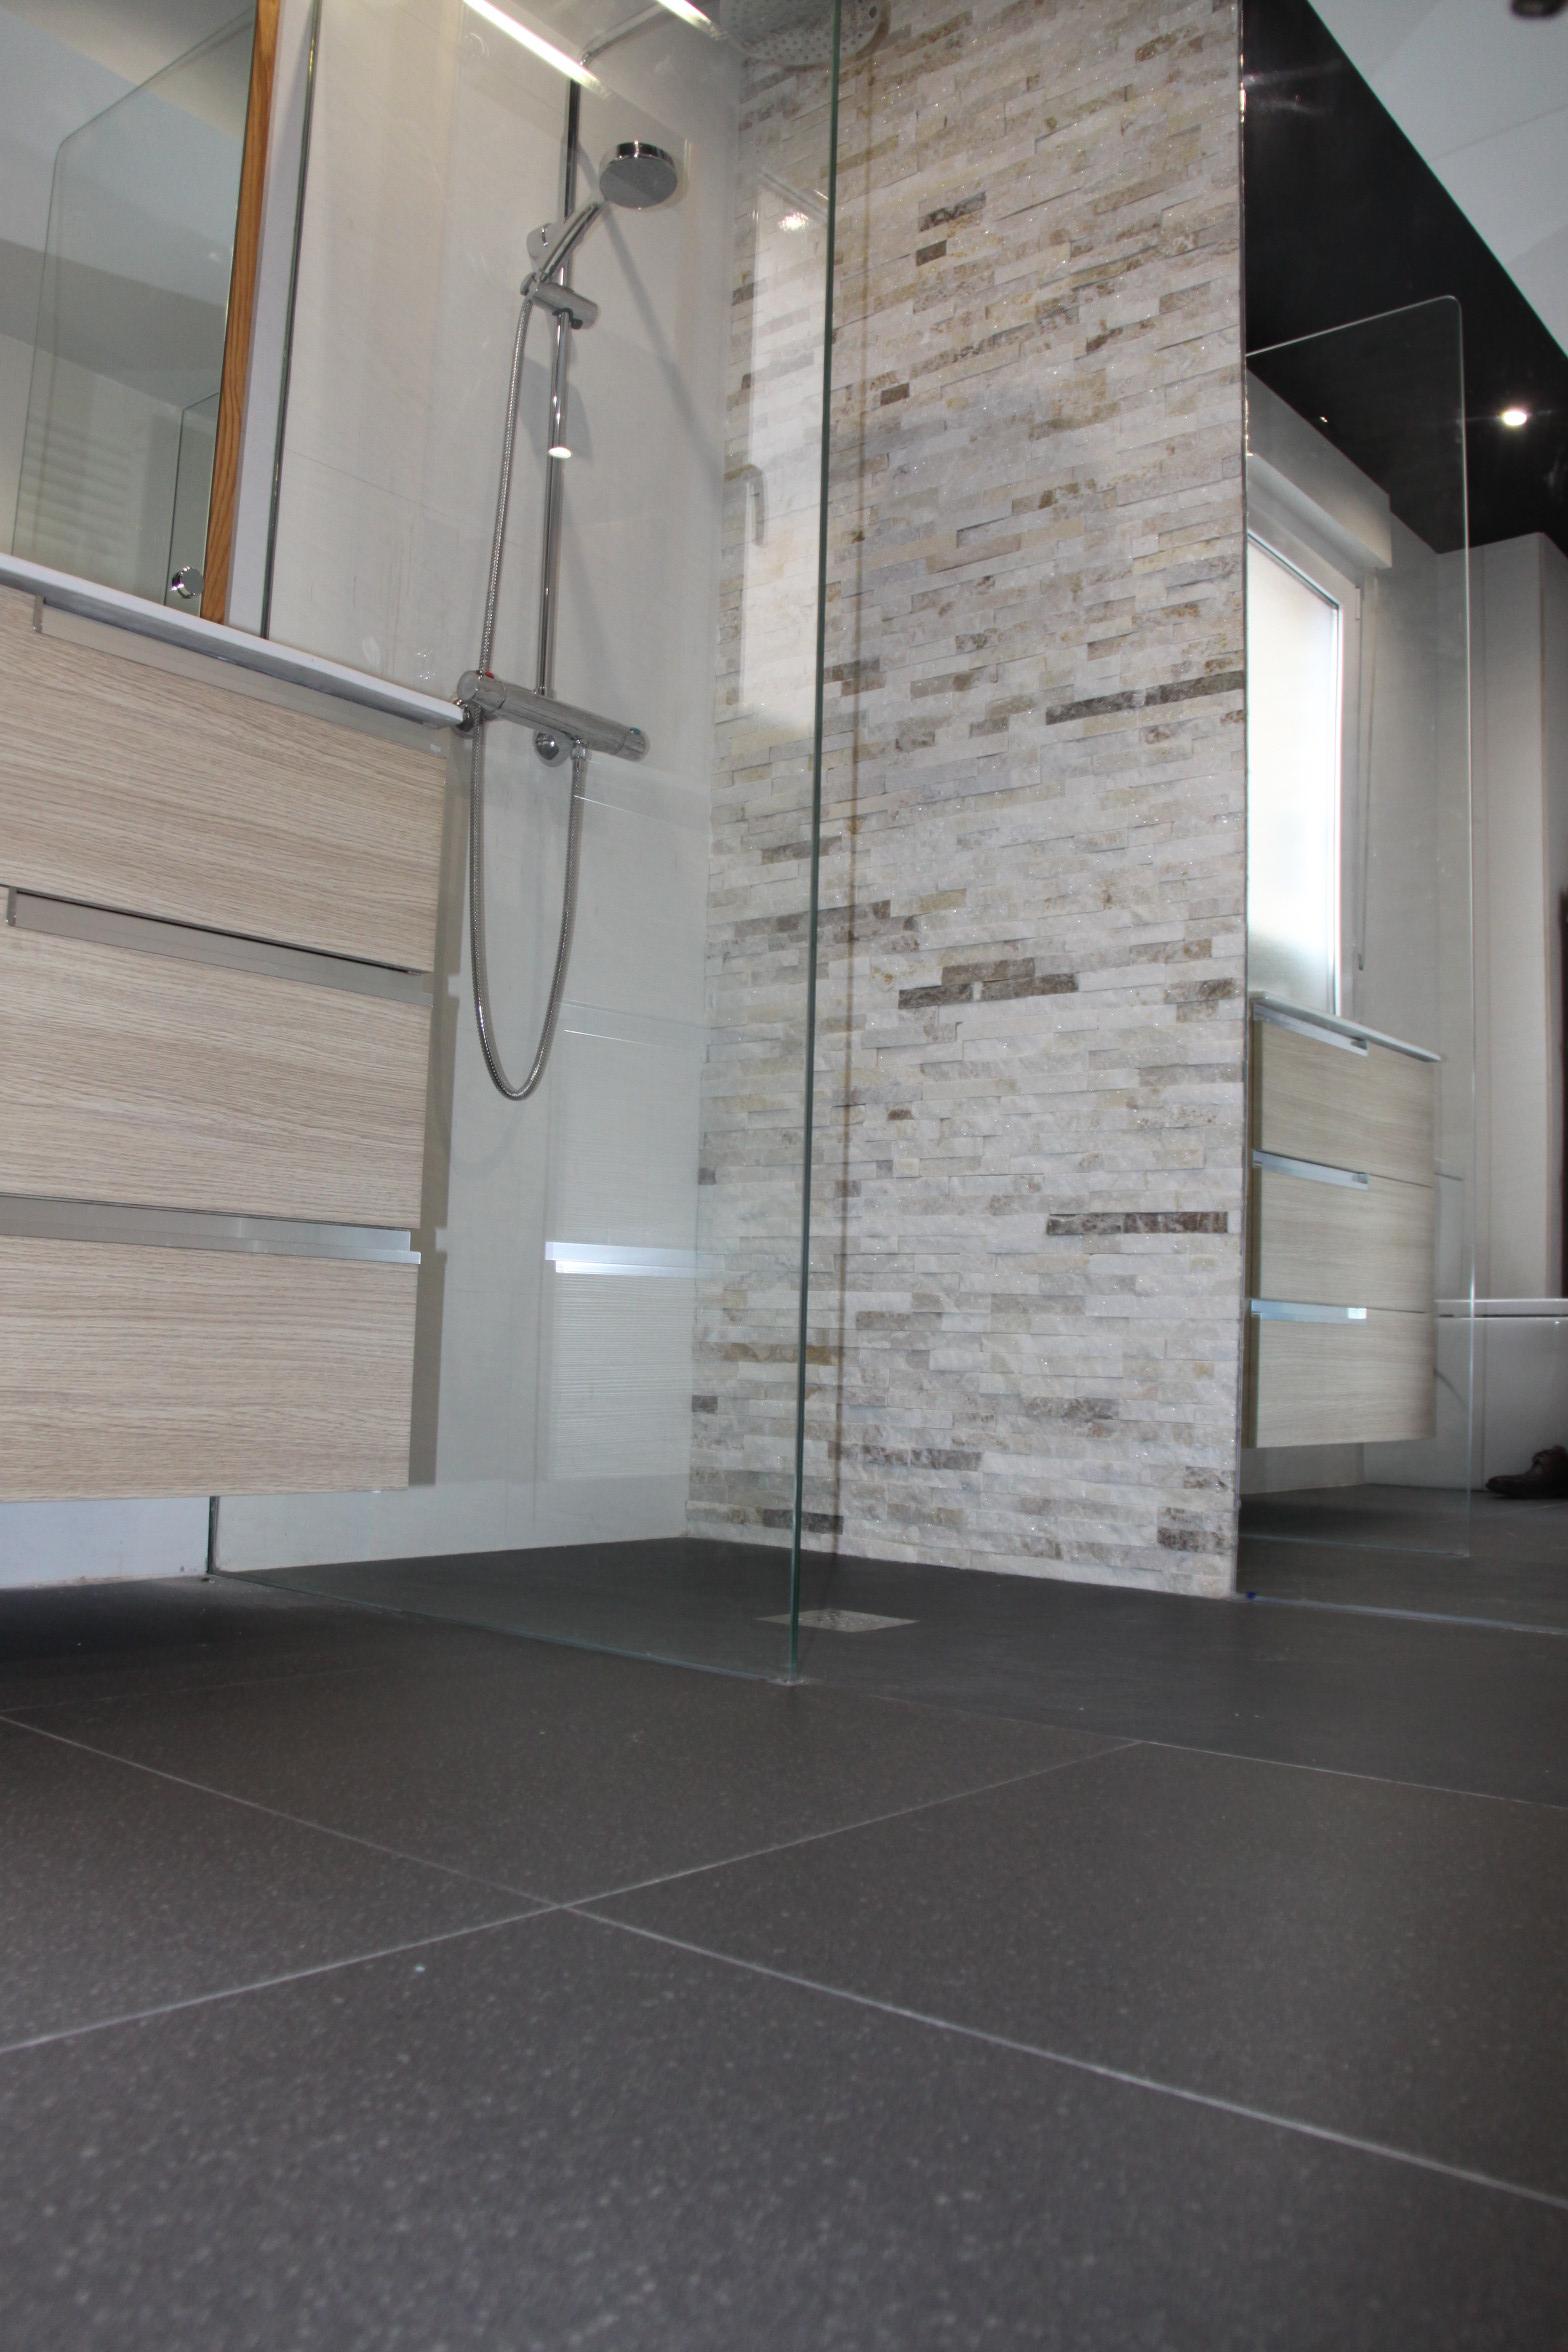 Plato de ducha atelier32 - Cuartos de bano pequenos con plato de ducha ...